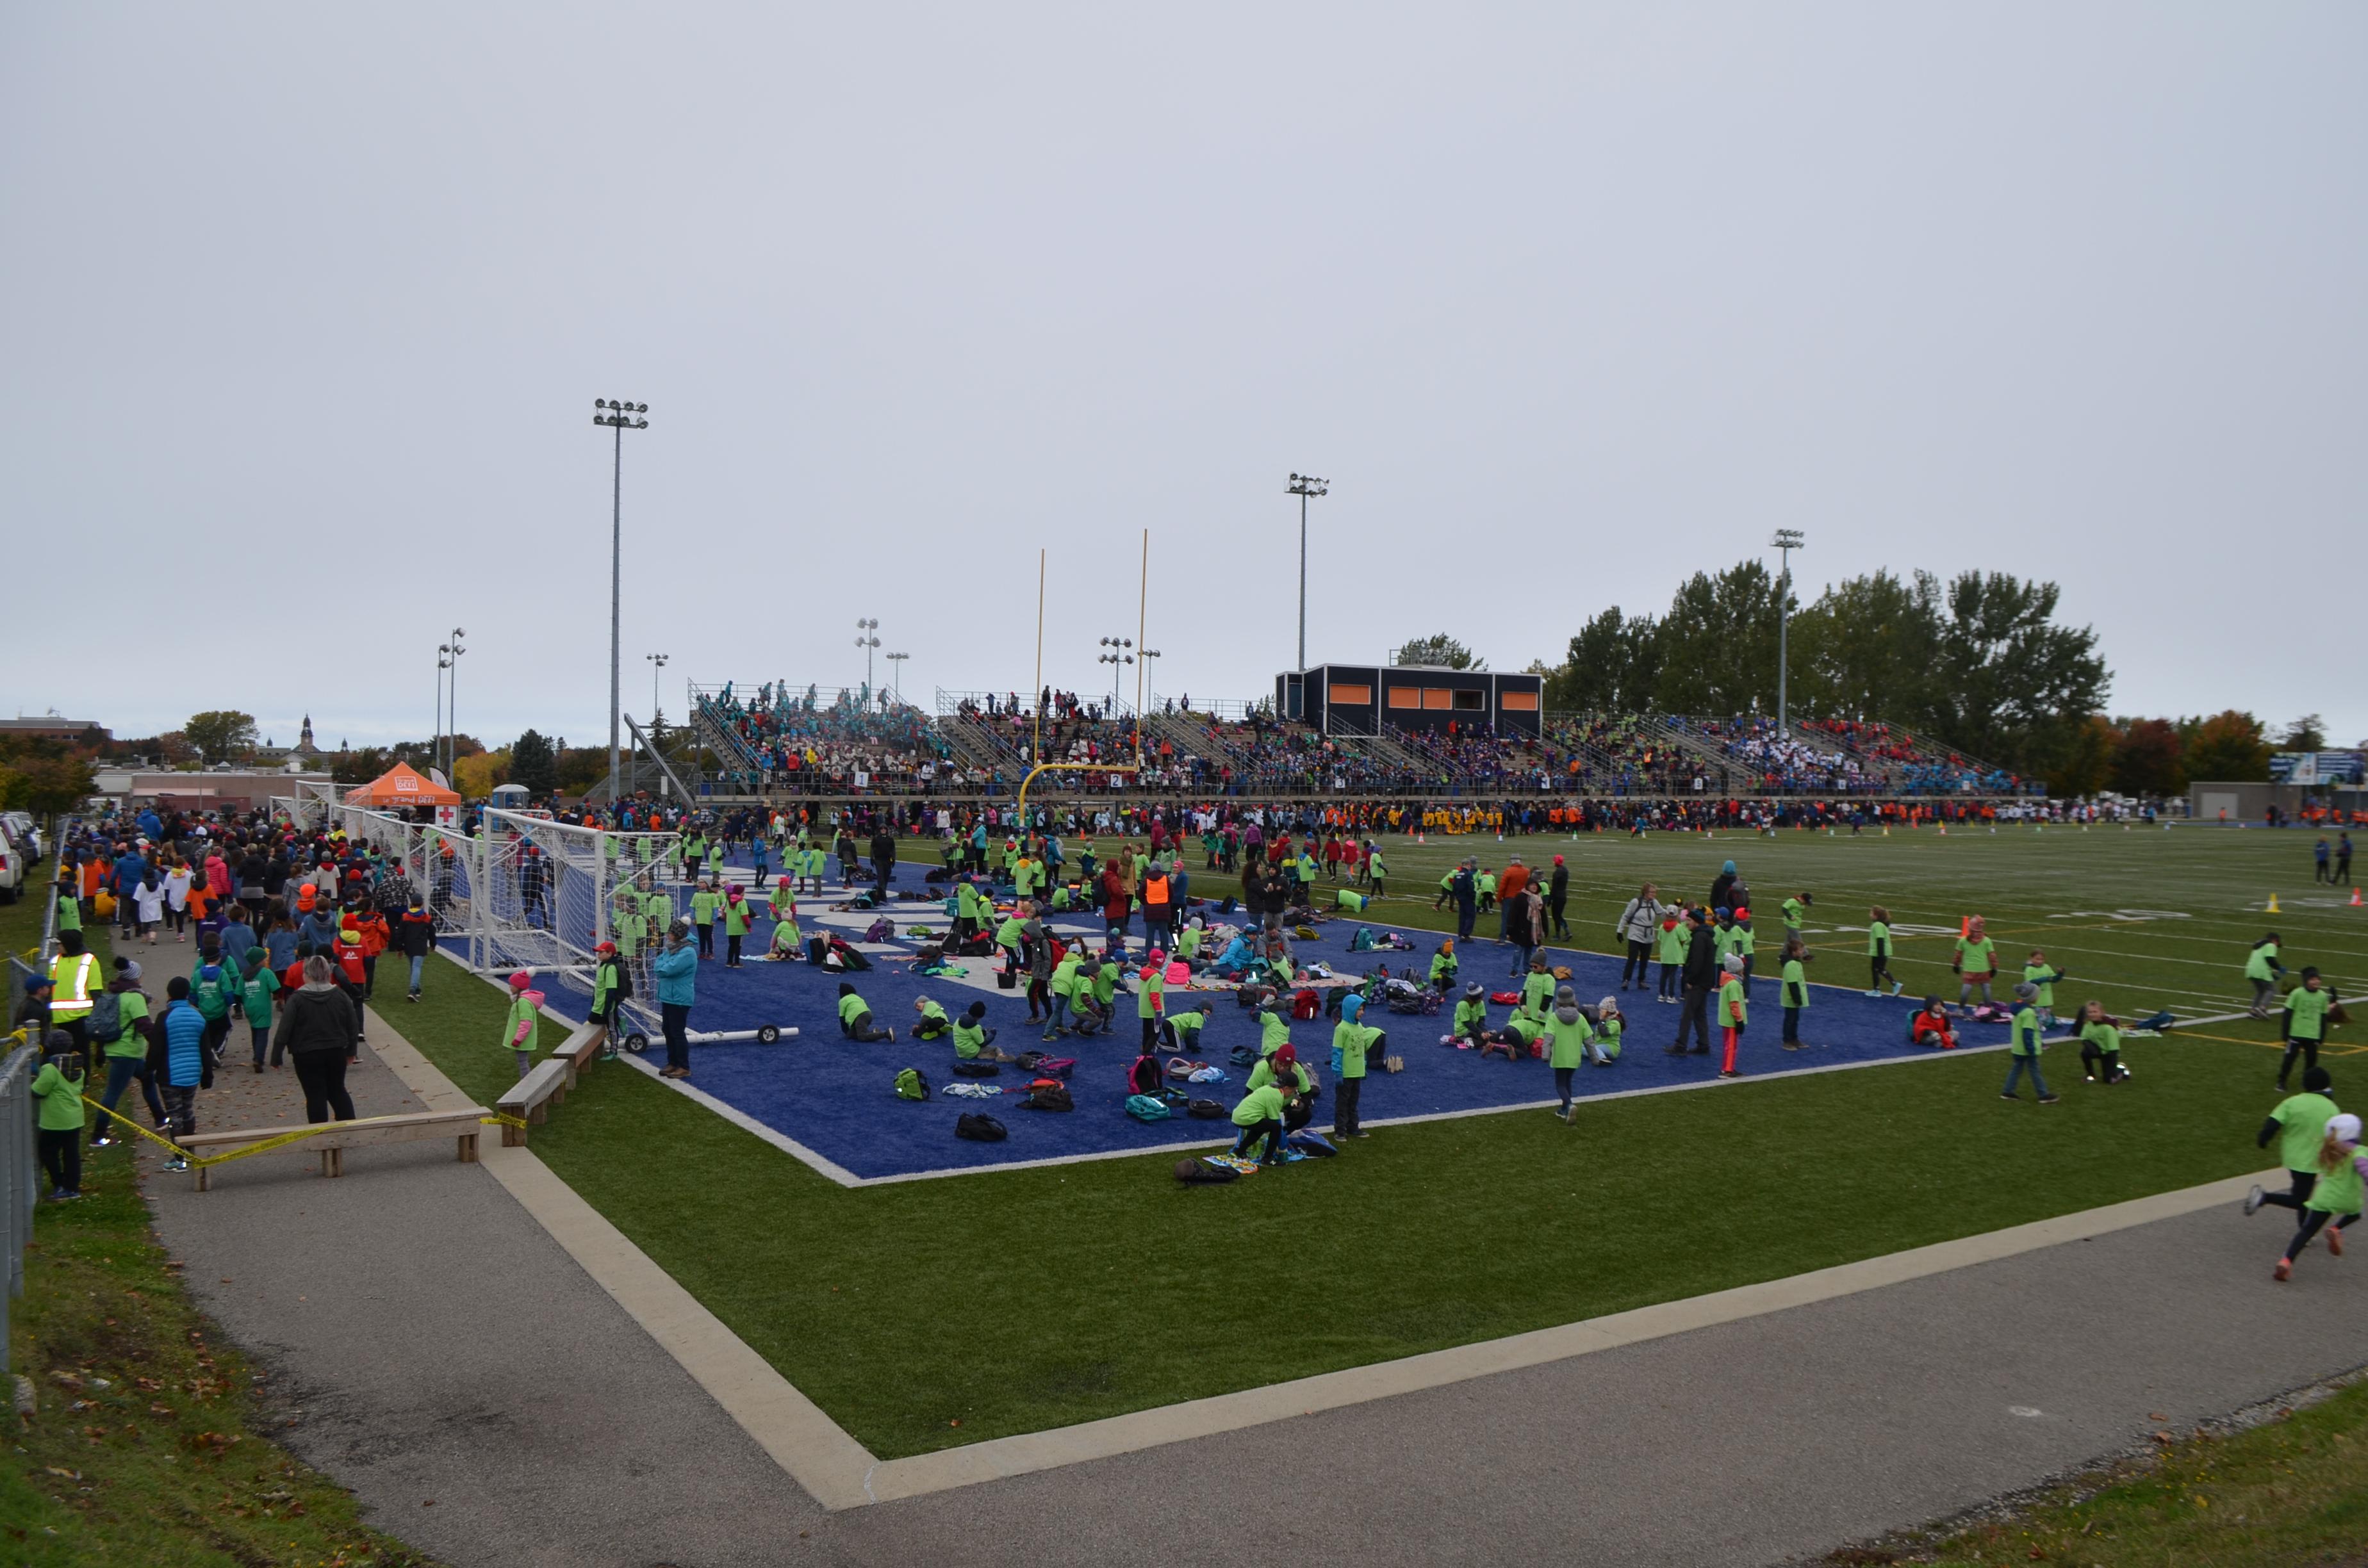 Près de 5 000 élèves provenant de l'ensemble des écoles primaires de la Commission scolaire ont participé au Cross-country 2019.